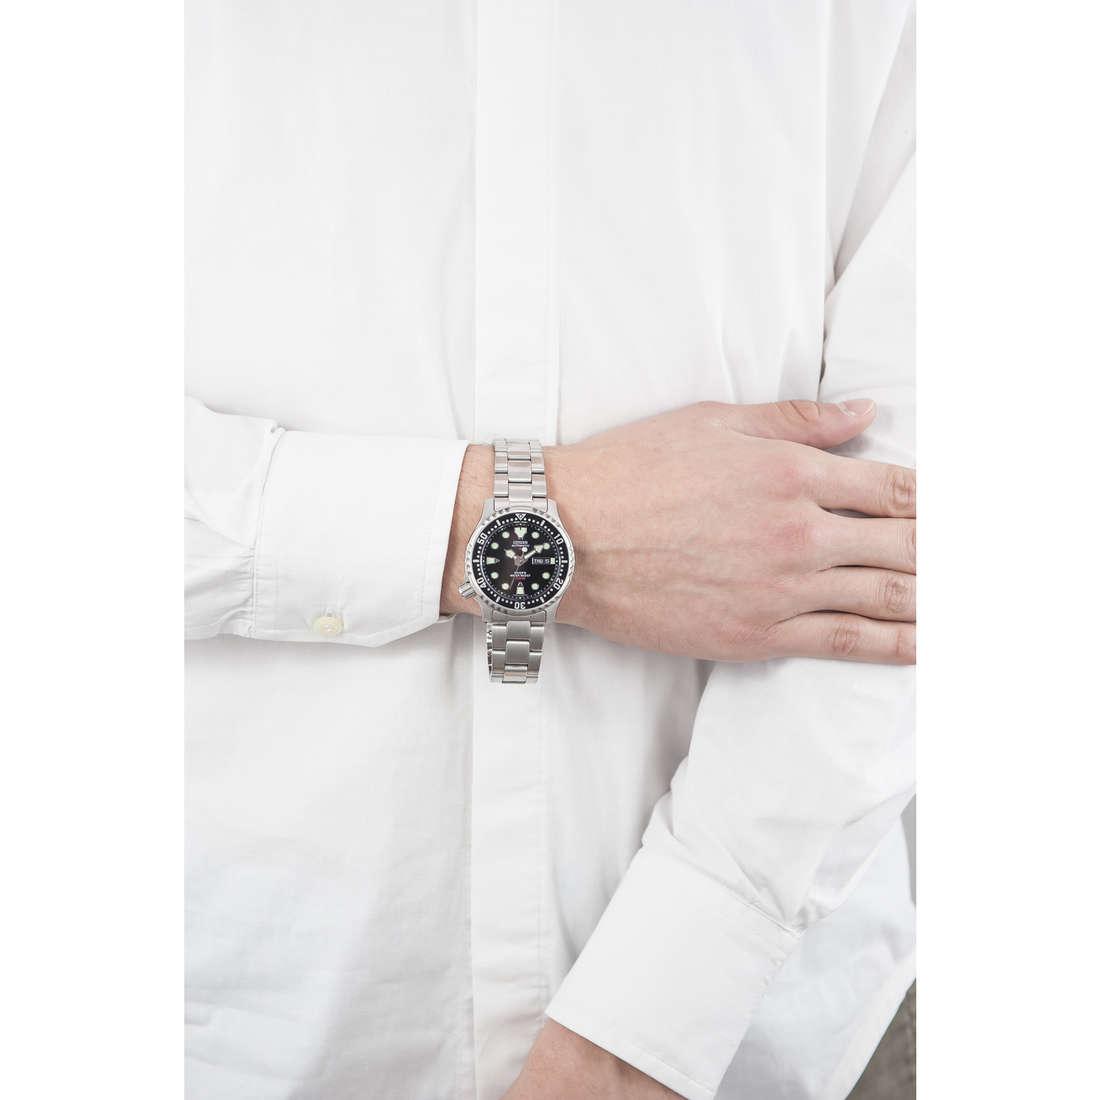 Citizen solo tempo Promaster uomo NY0040-50E indosso